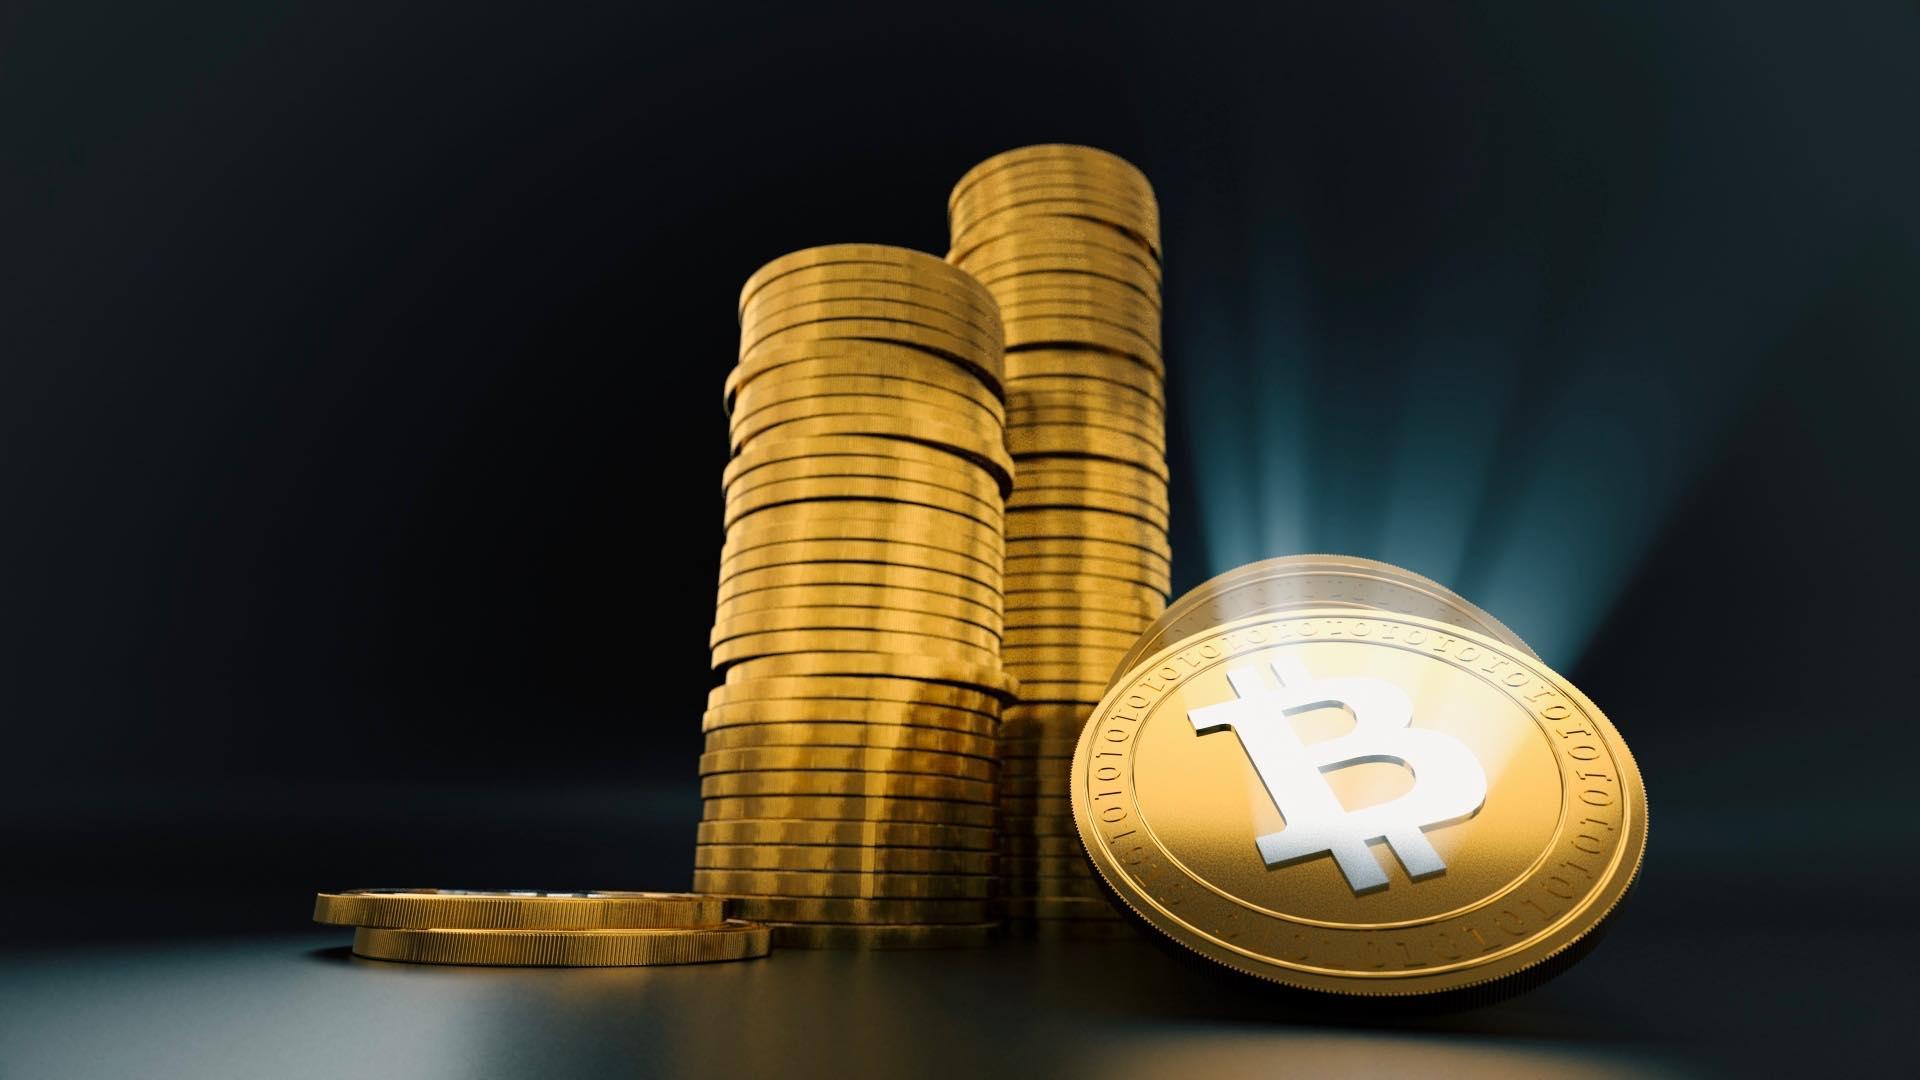 Kun je rijk worden door te investeren in cryptocurrencies?